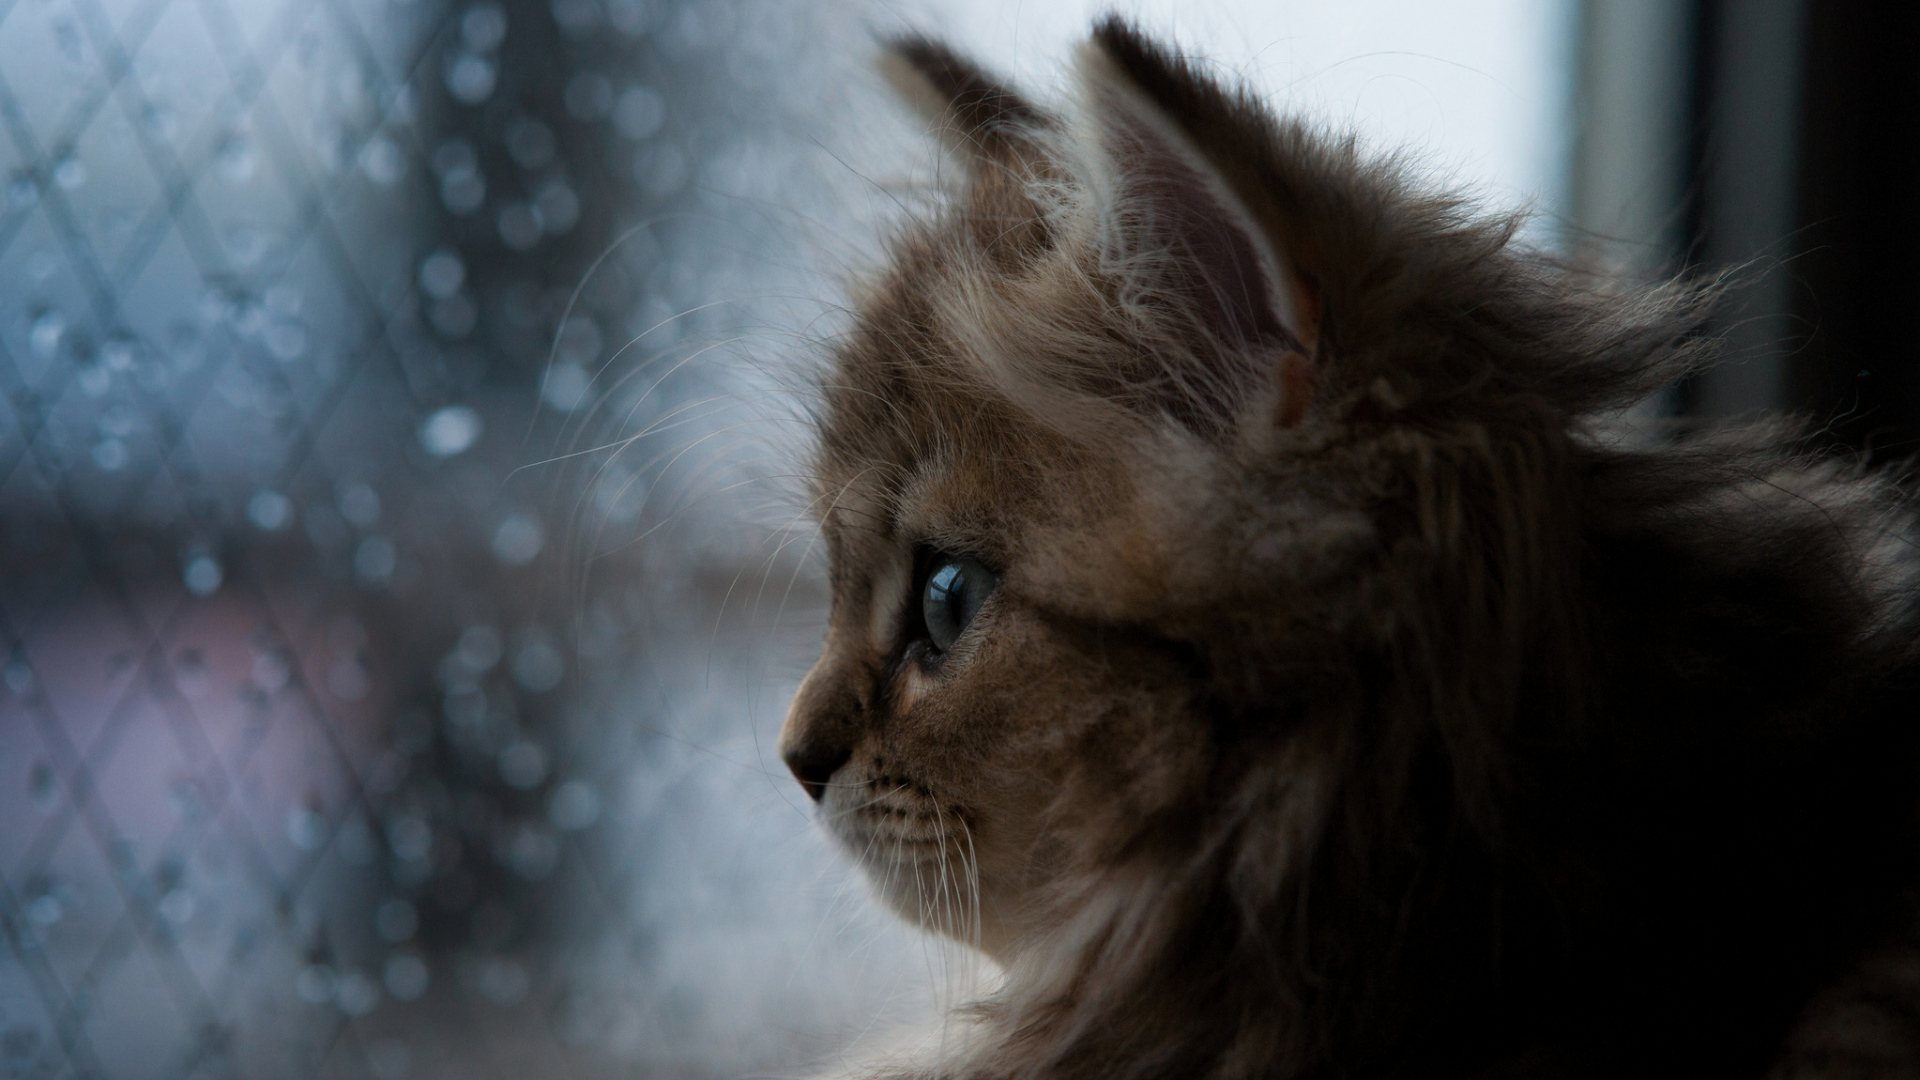 картинка с кошкой на хорошей погоде модели